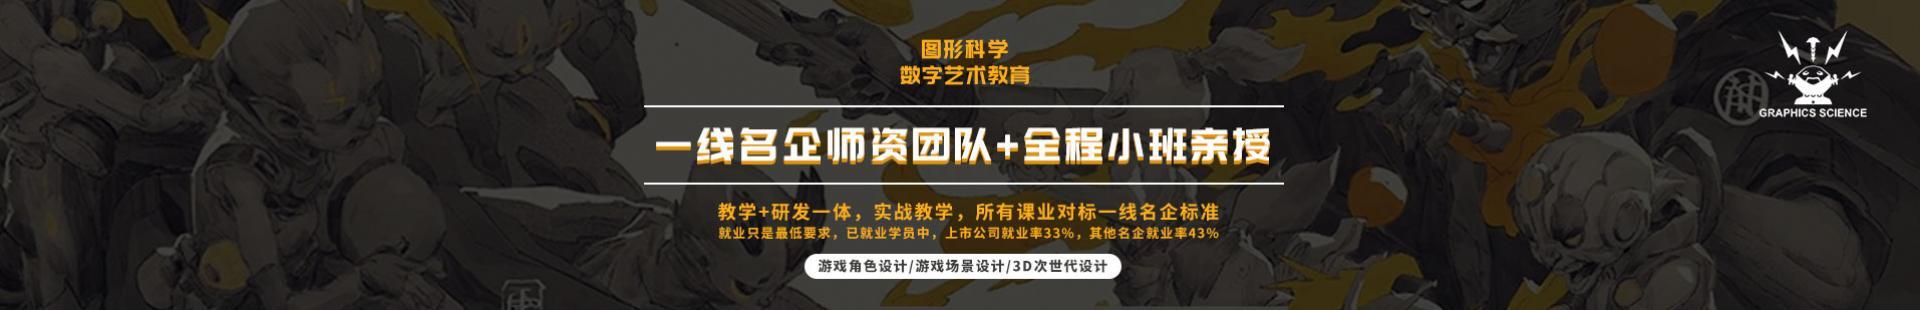 南京图形科学游戏动漫CG教育